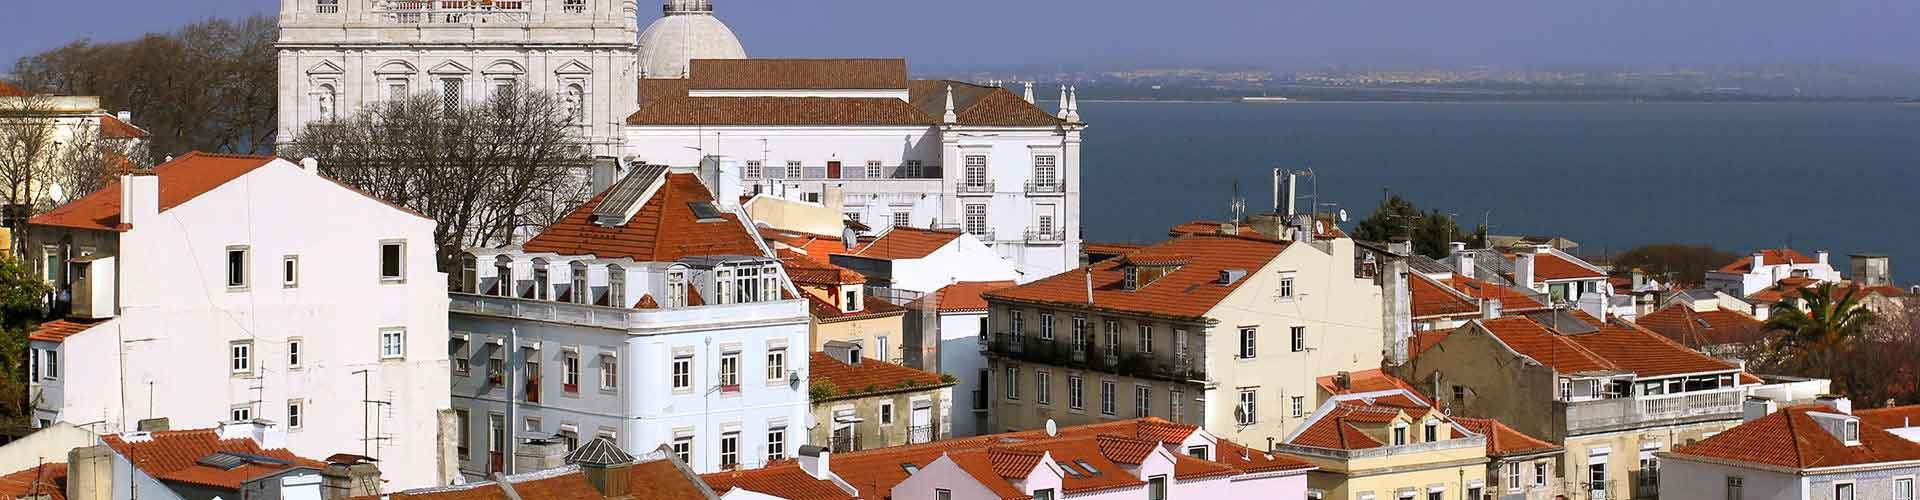 Lissabon – Huoneet kaupungiosassa Keskus. Lissabon -karttoja, valokuvia ja arvosteluja kaikista Lissabon -huoneista.